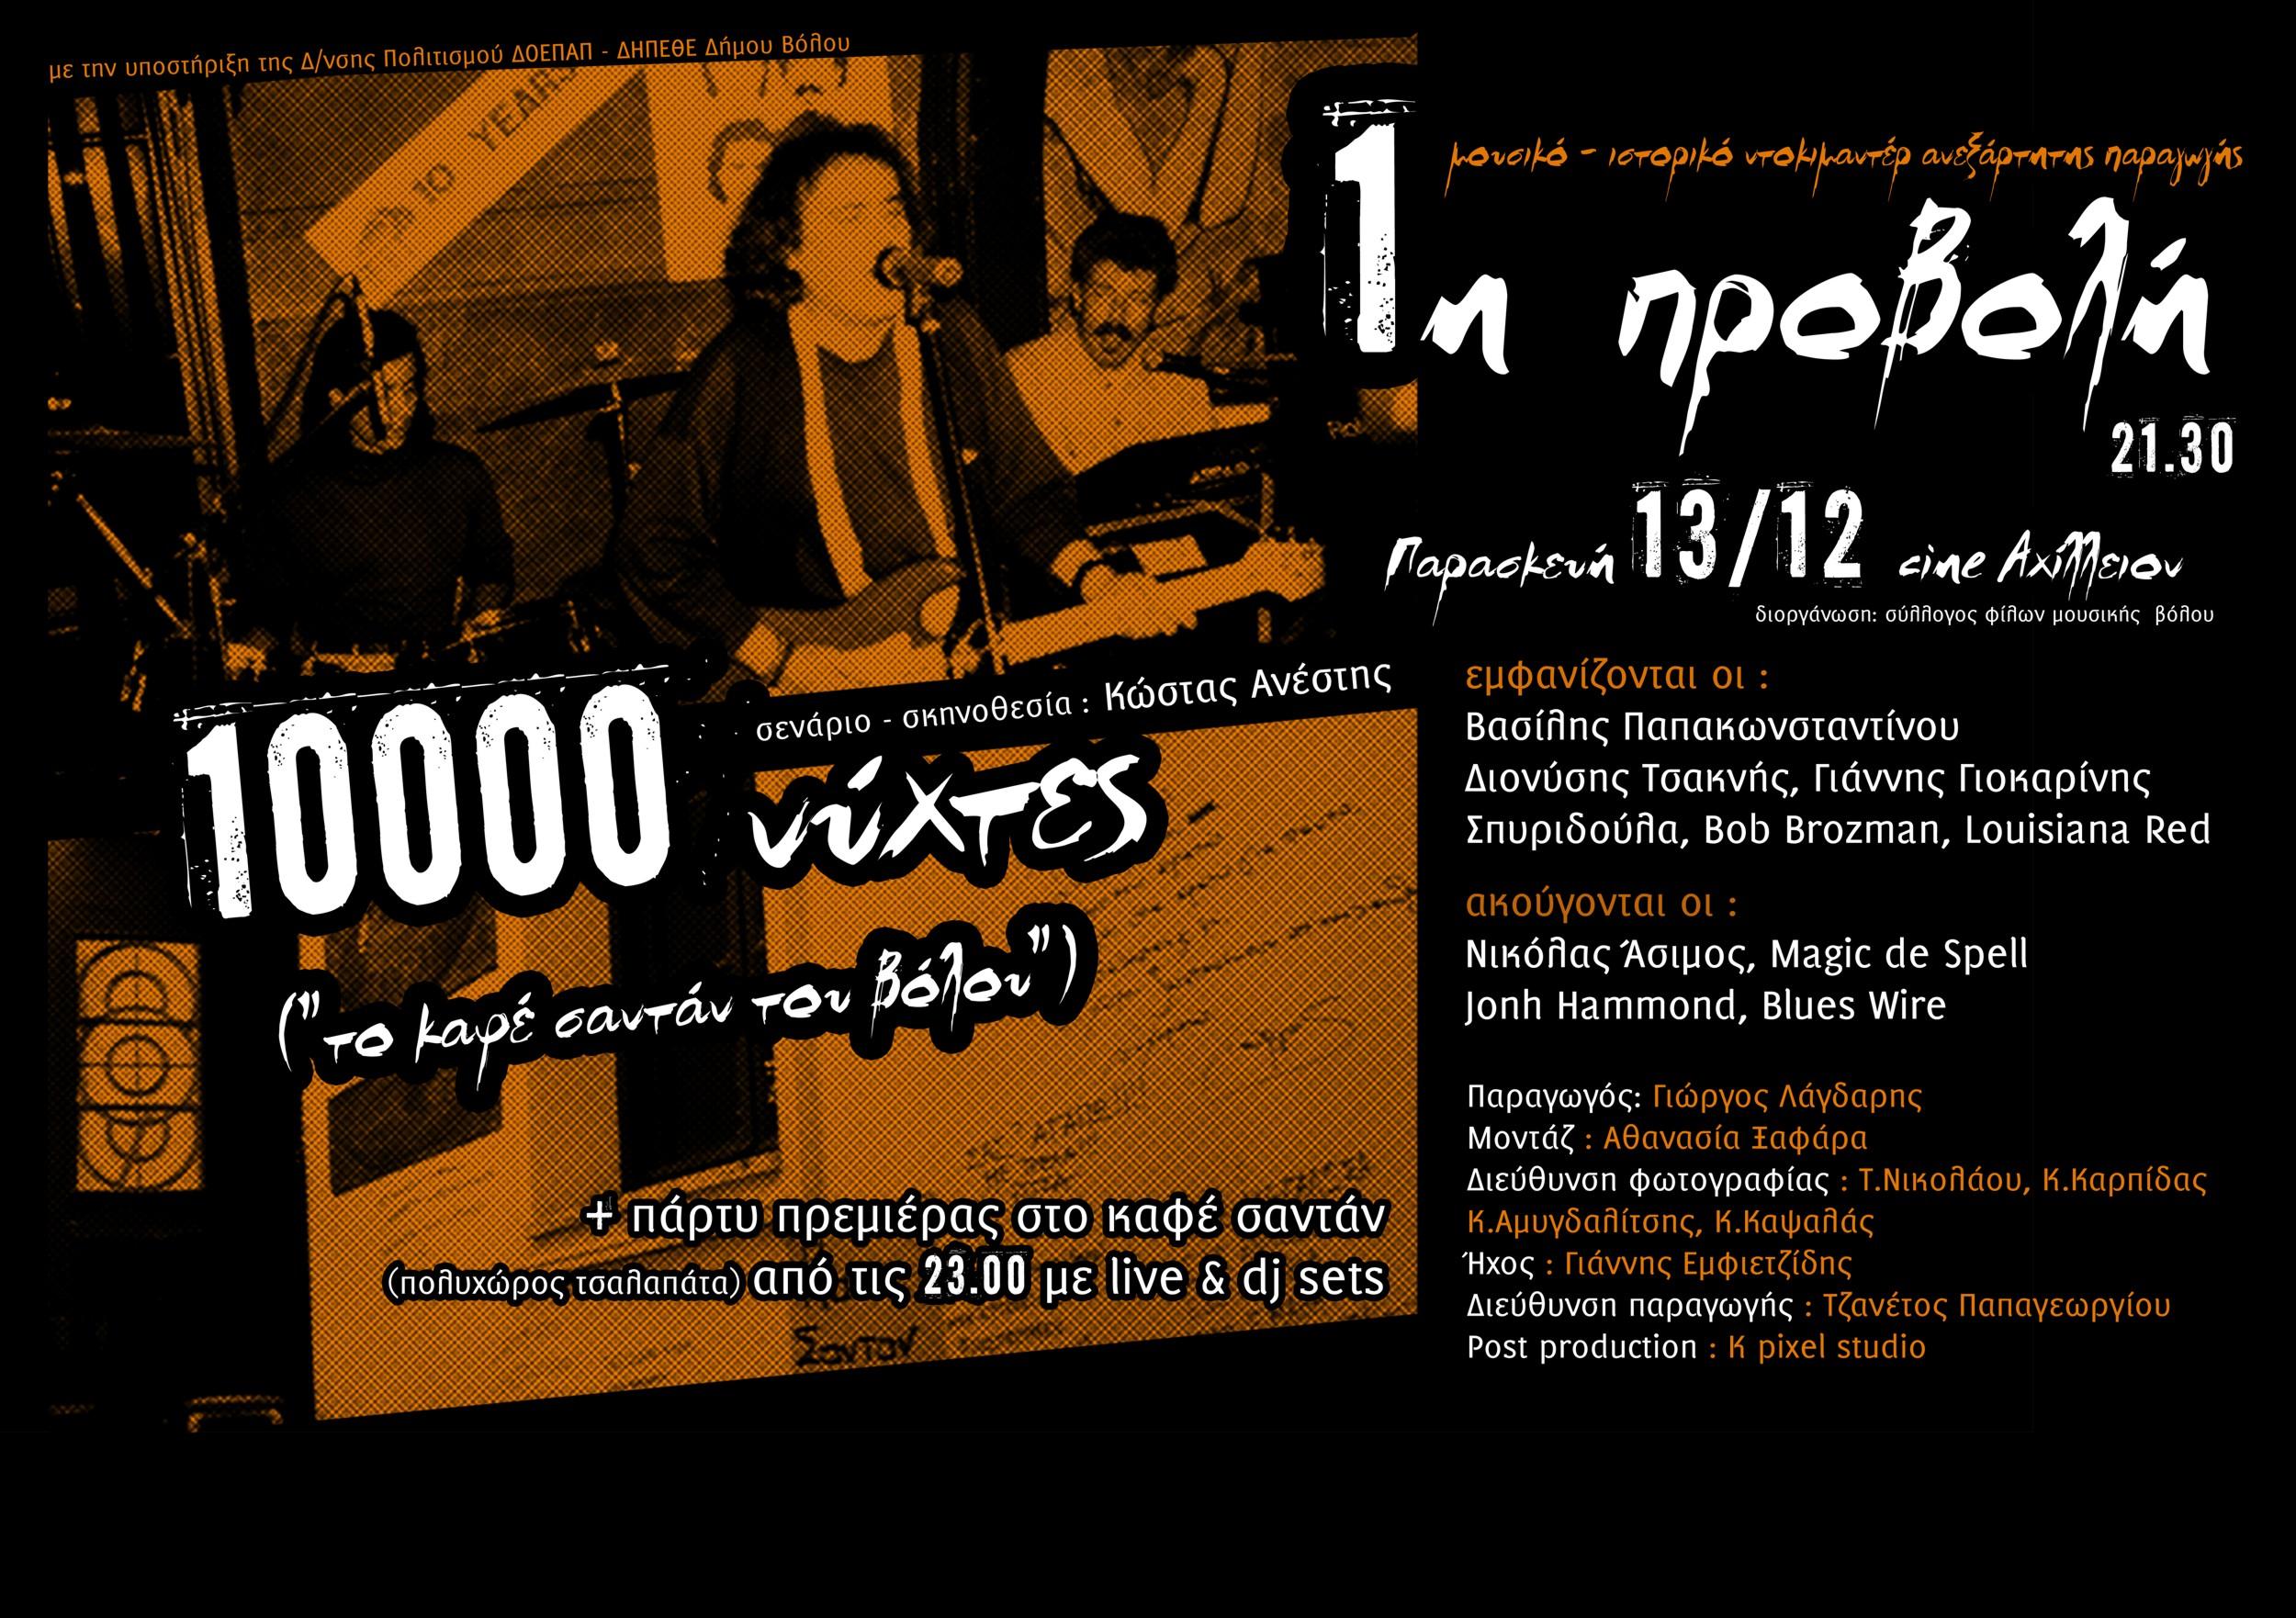 Προβολή ταινίας «10.000 νύχτες»